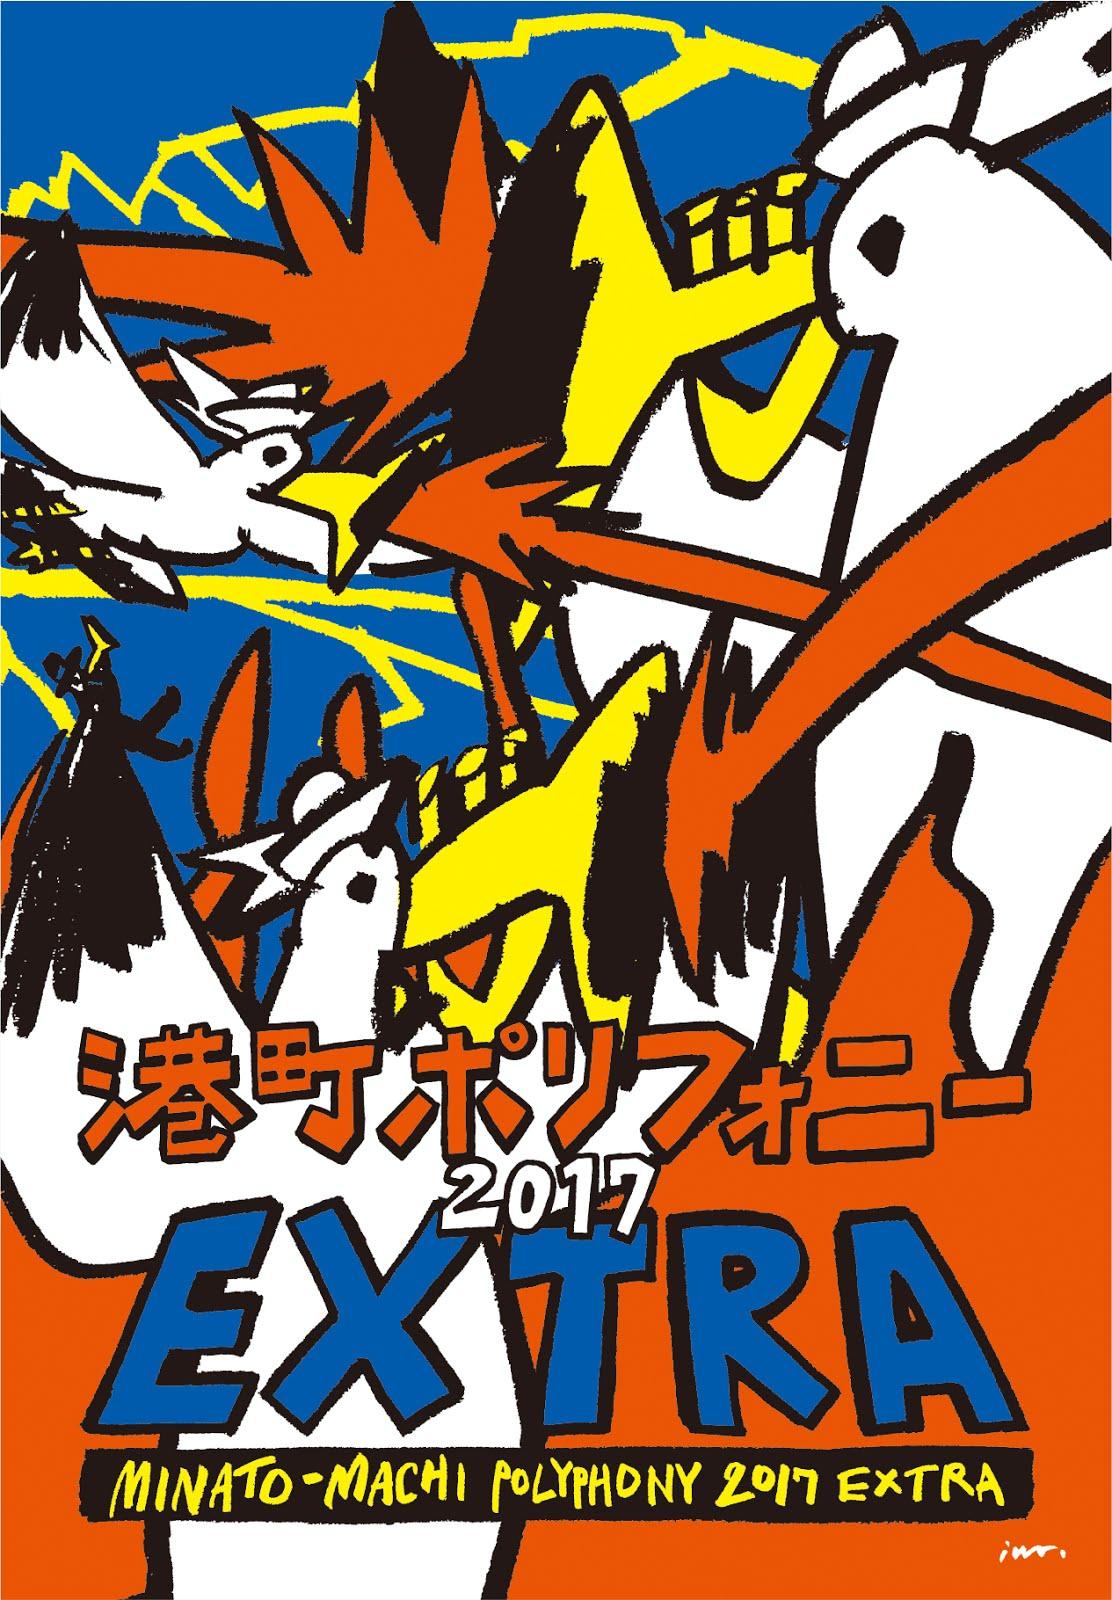 港町ポリフォニー2017 EXTRA